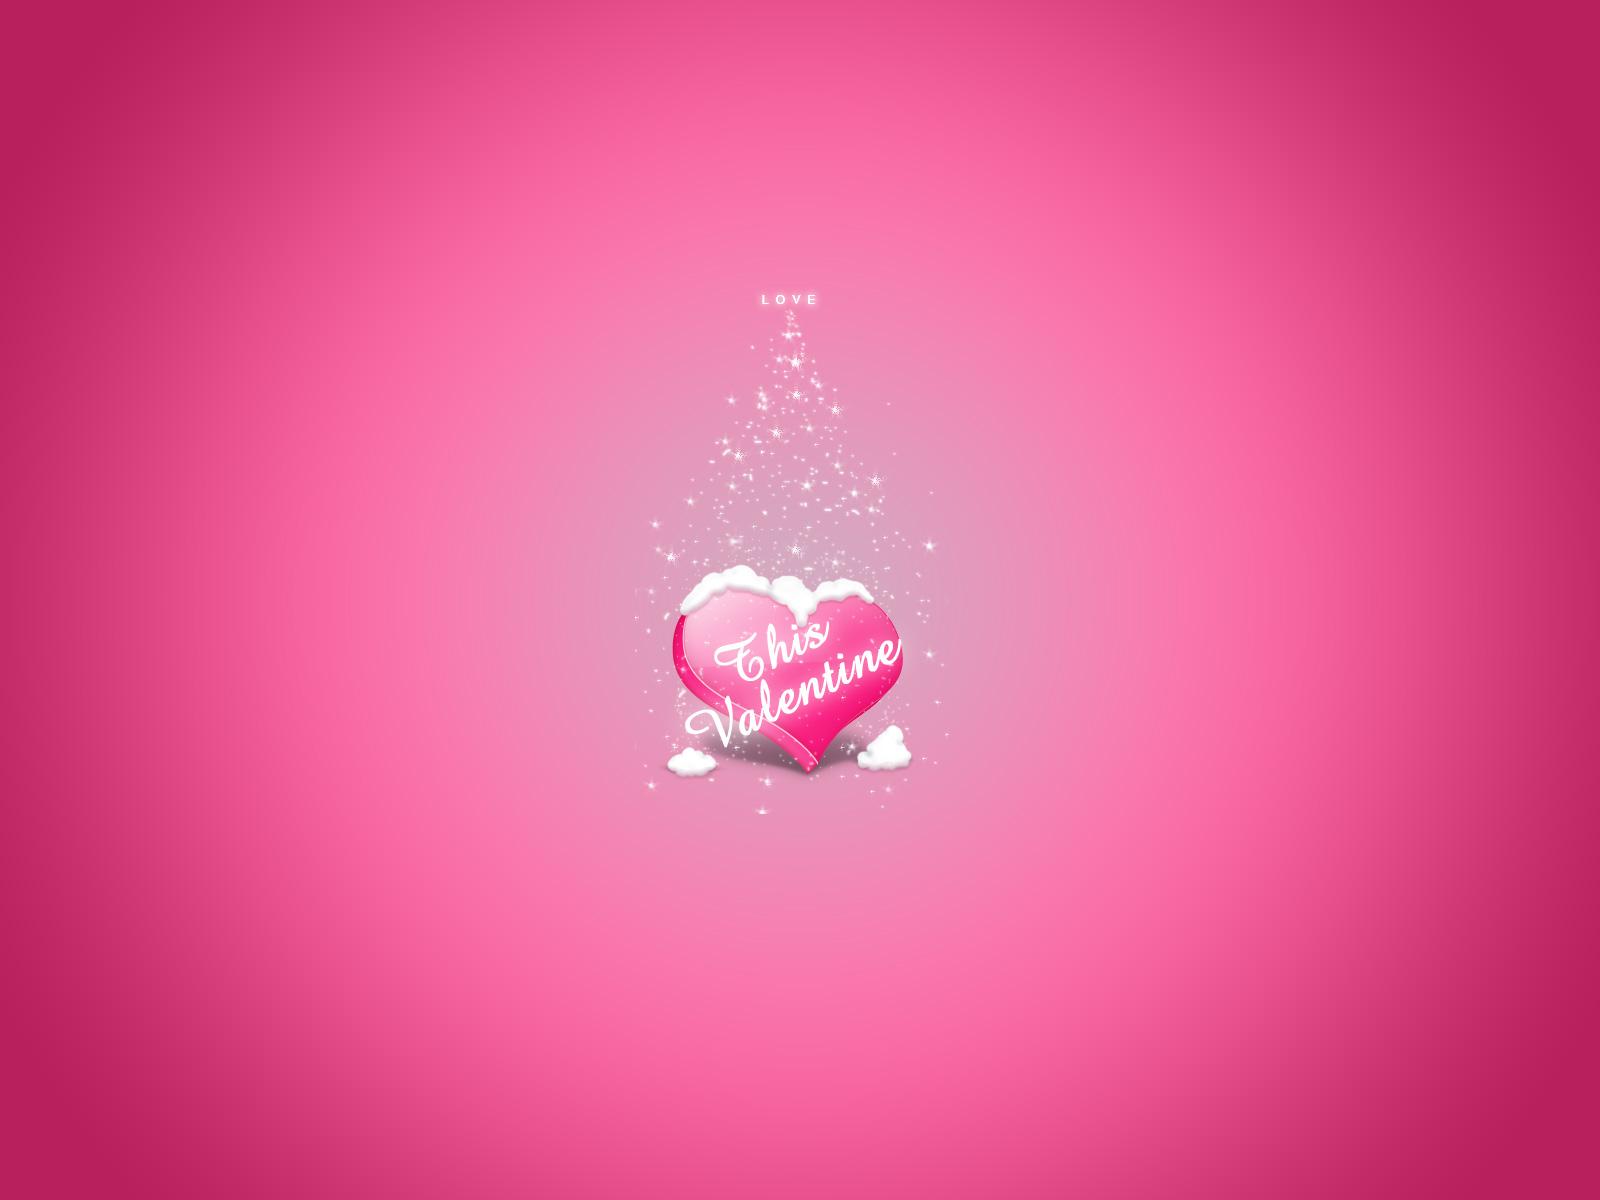 http://4.bp.blogspot.com/_L8gsanJXiZ8/TT8TjubYHwI/AAAAAAAAFl0/5bMDtAmtb5o/s1600/125pink-valentine-wallpaper.jpg